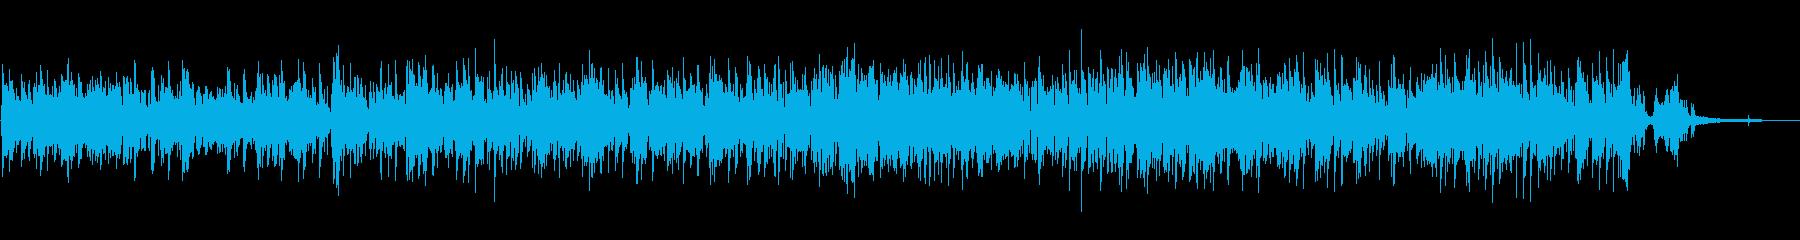 軽快で爽やかアコースティックピアノポップの再生済みの波形